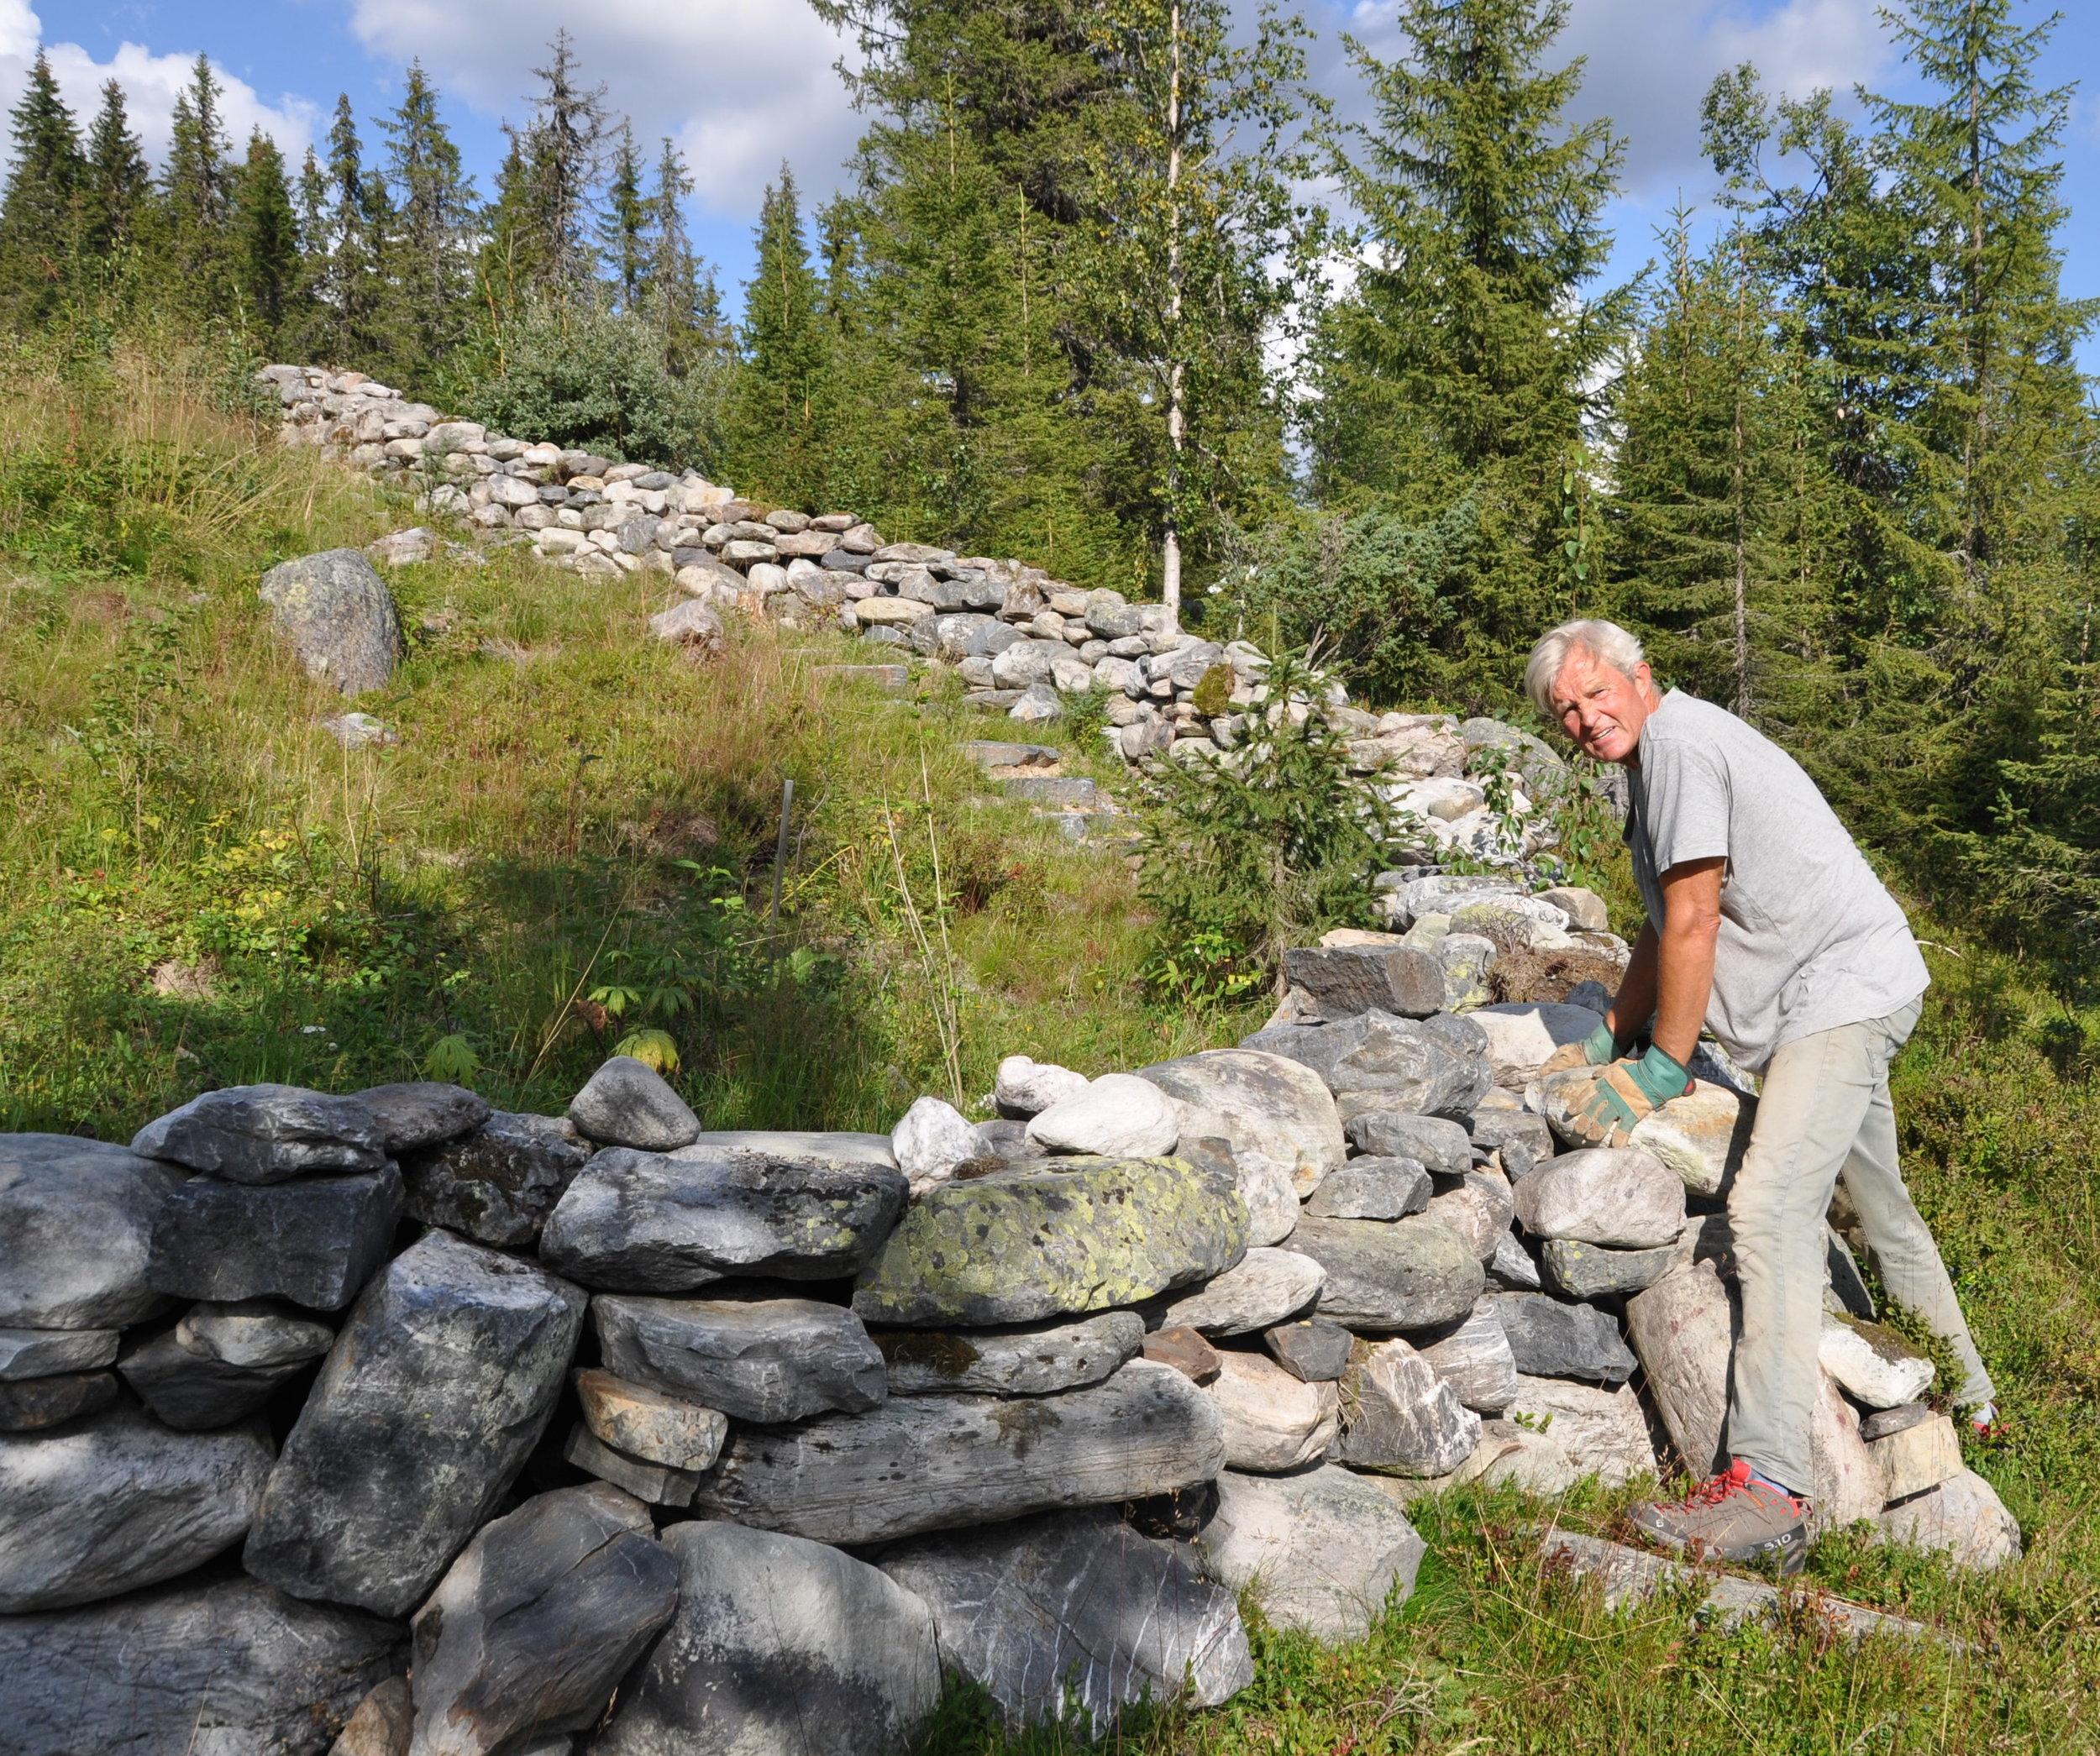 Jeg skjønte lenge ikke hvorfor det ga meg så mye overskudd å bygge et steingjerde på fjellet. Nå vet jeg hvorfor: Mange av punktene fra listen over slo inn samtidig, faktisk 9 av dem. (Gjett hvilke!) -